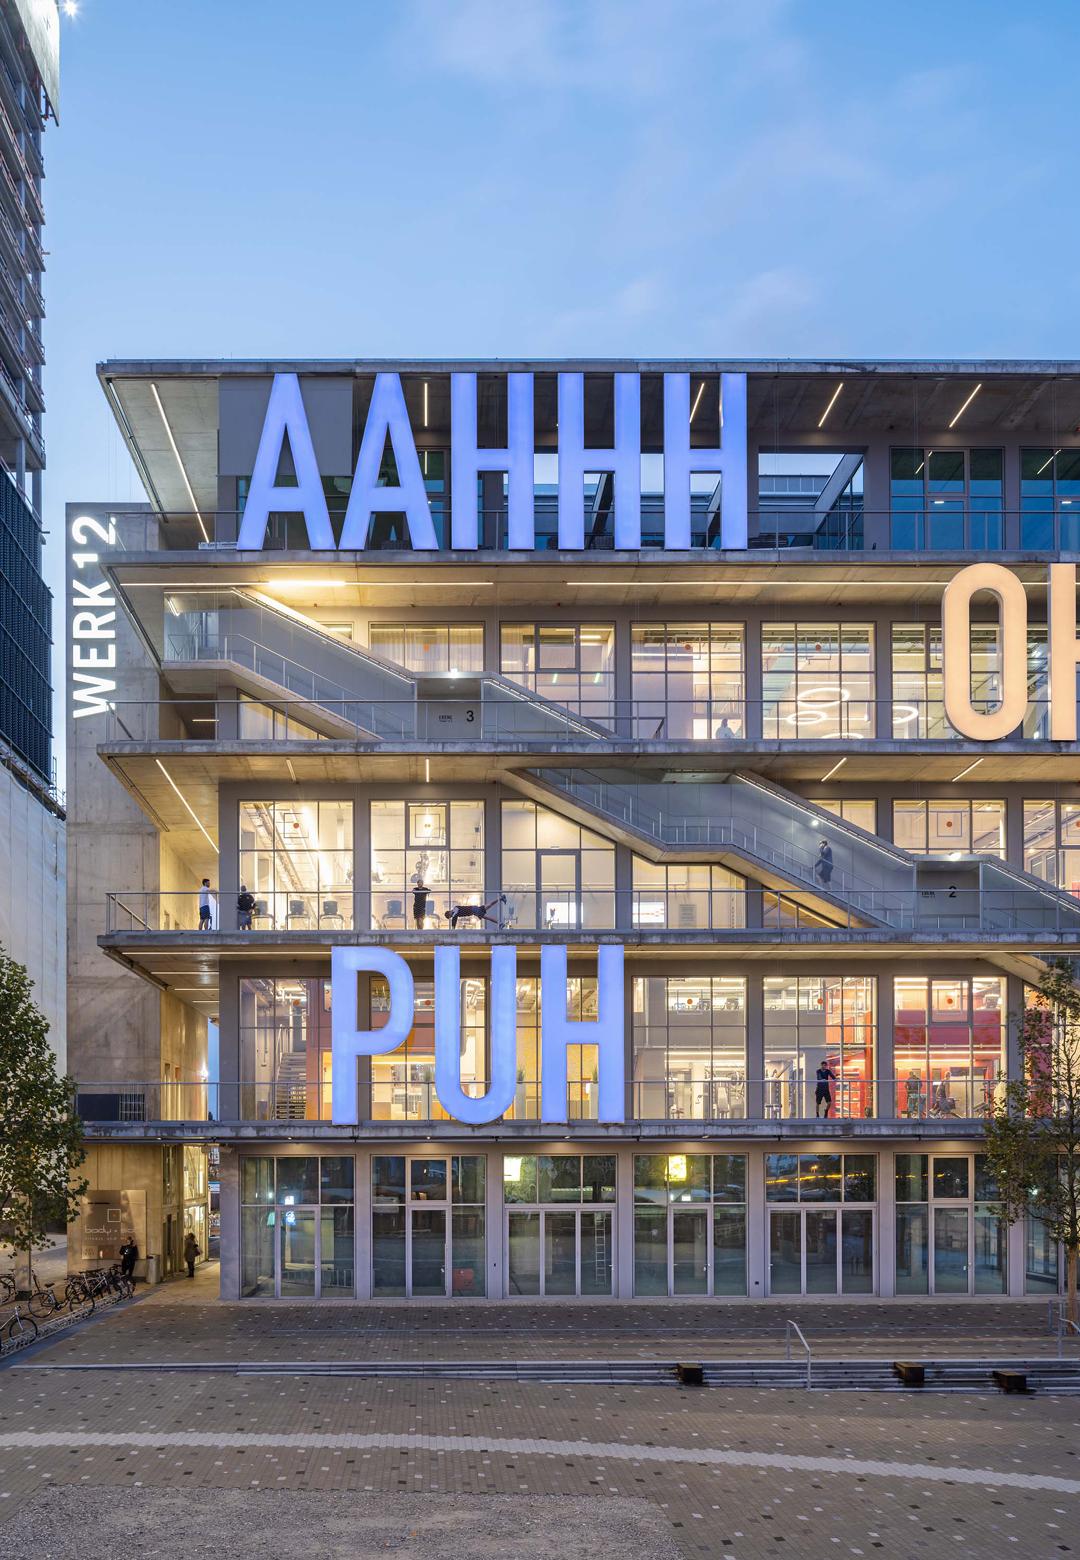 WERK12, a multi-use building by MVRDV, in Munich | WERK12 | MVRDV | STIRworld